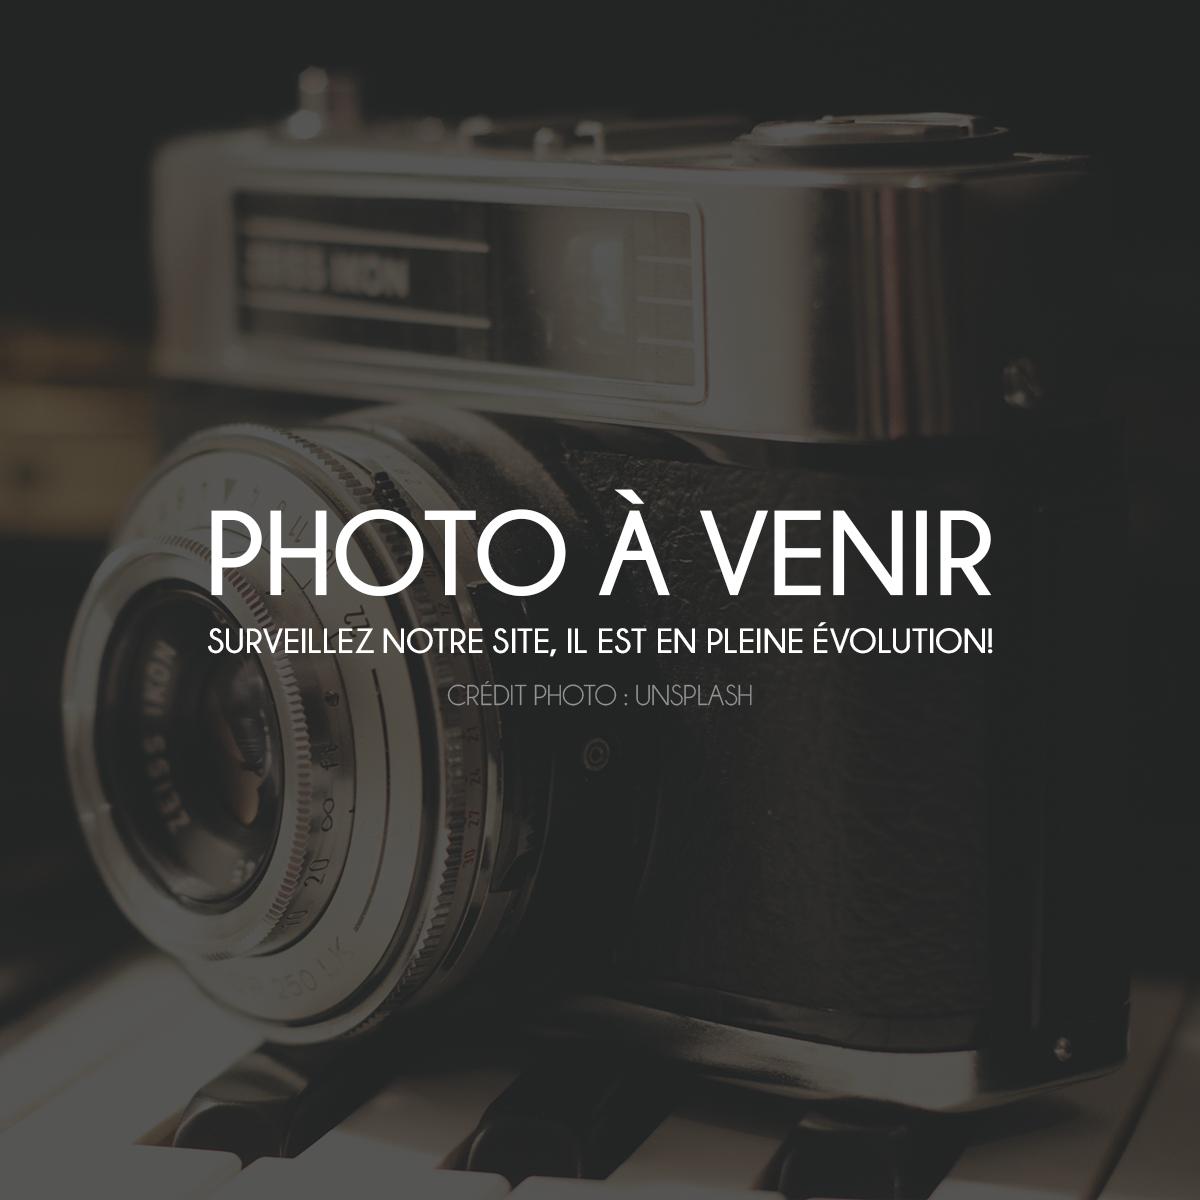 PhotoAVenir2-A.png